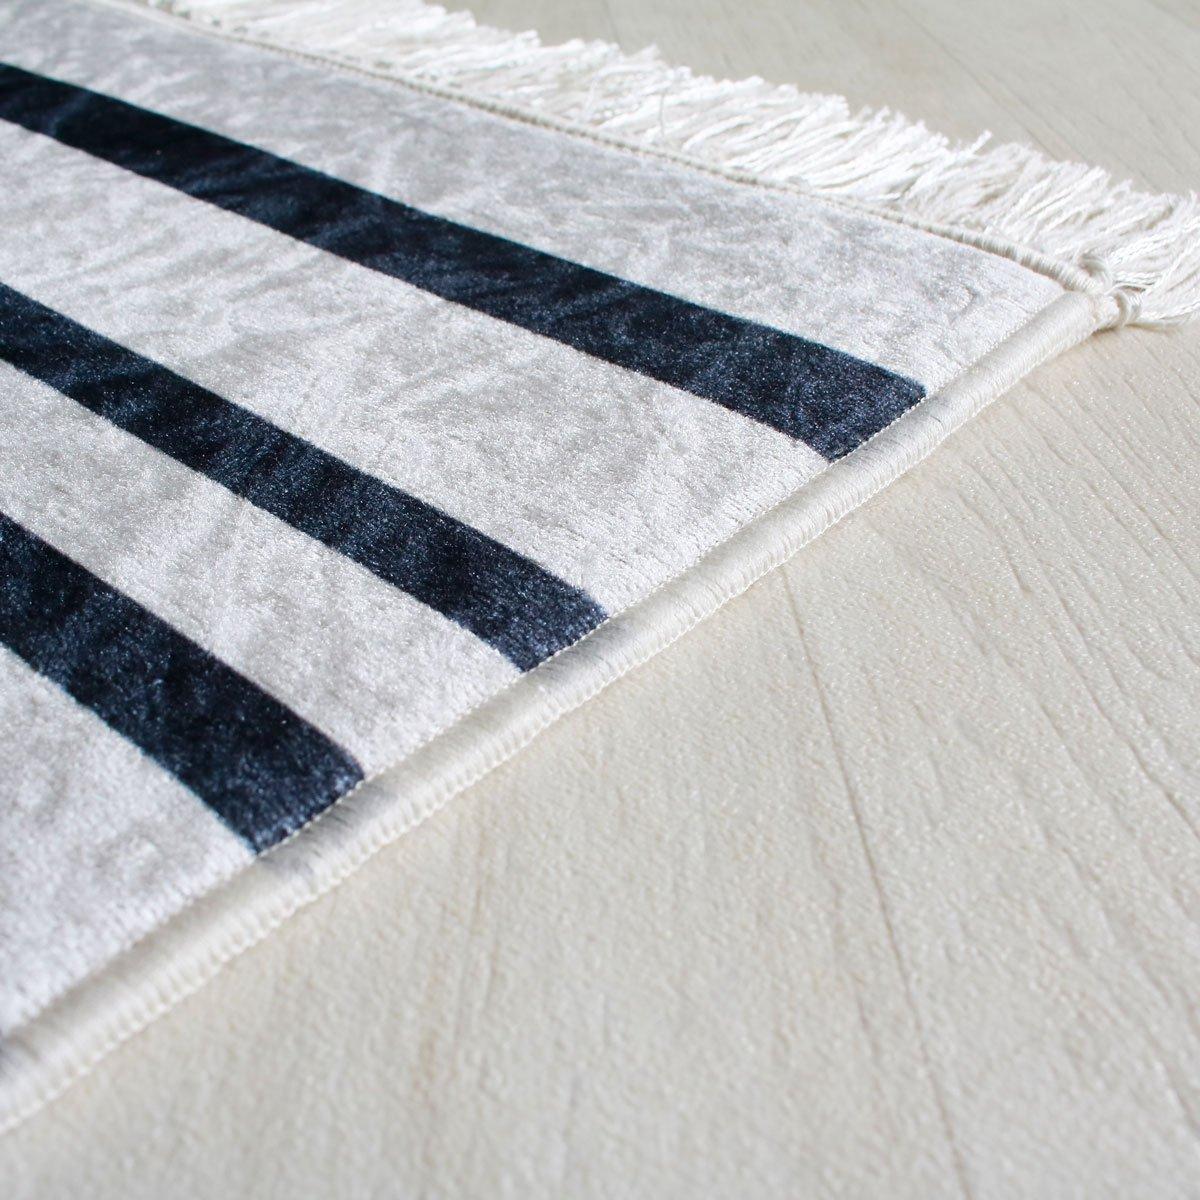 Noir 80 x 300 cm mynes Home Tapis de Couloir Lavable Noir et Blanc Modern Designer Design Boheme Boho Style antid/érapante Convient pour Cuisine//Salle de Bain//Salon//Couloir